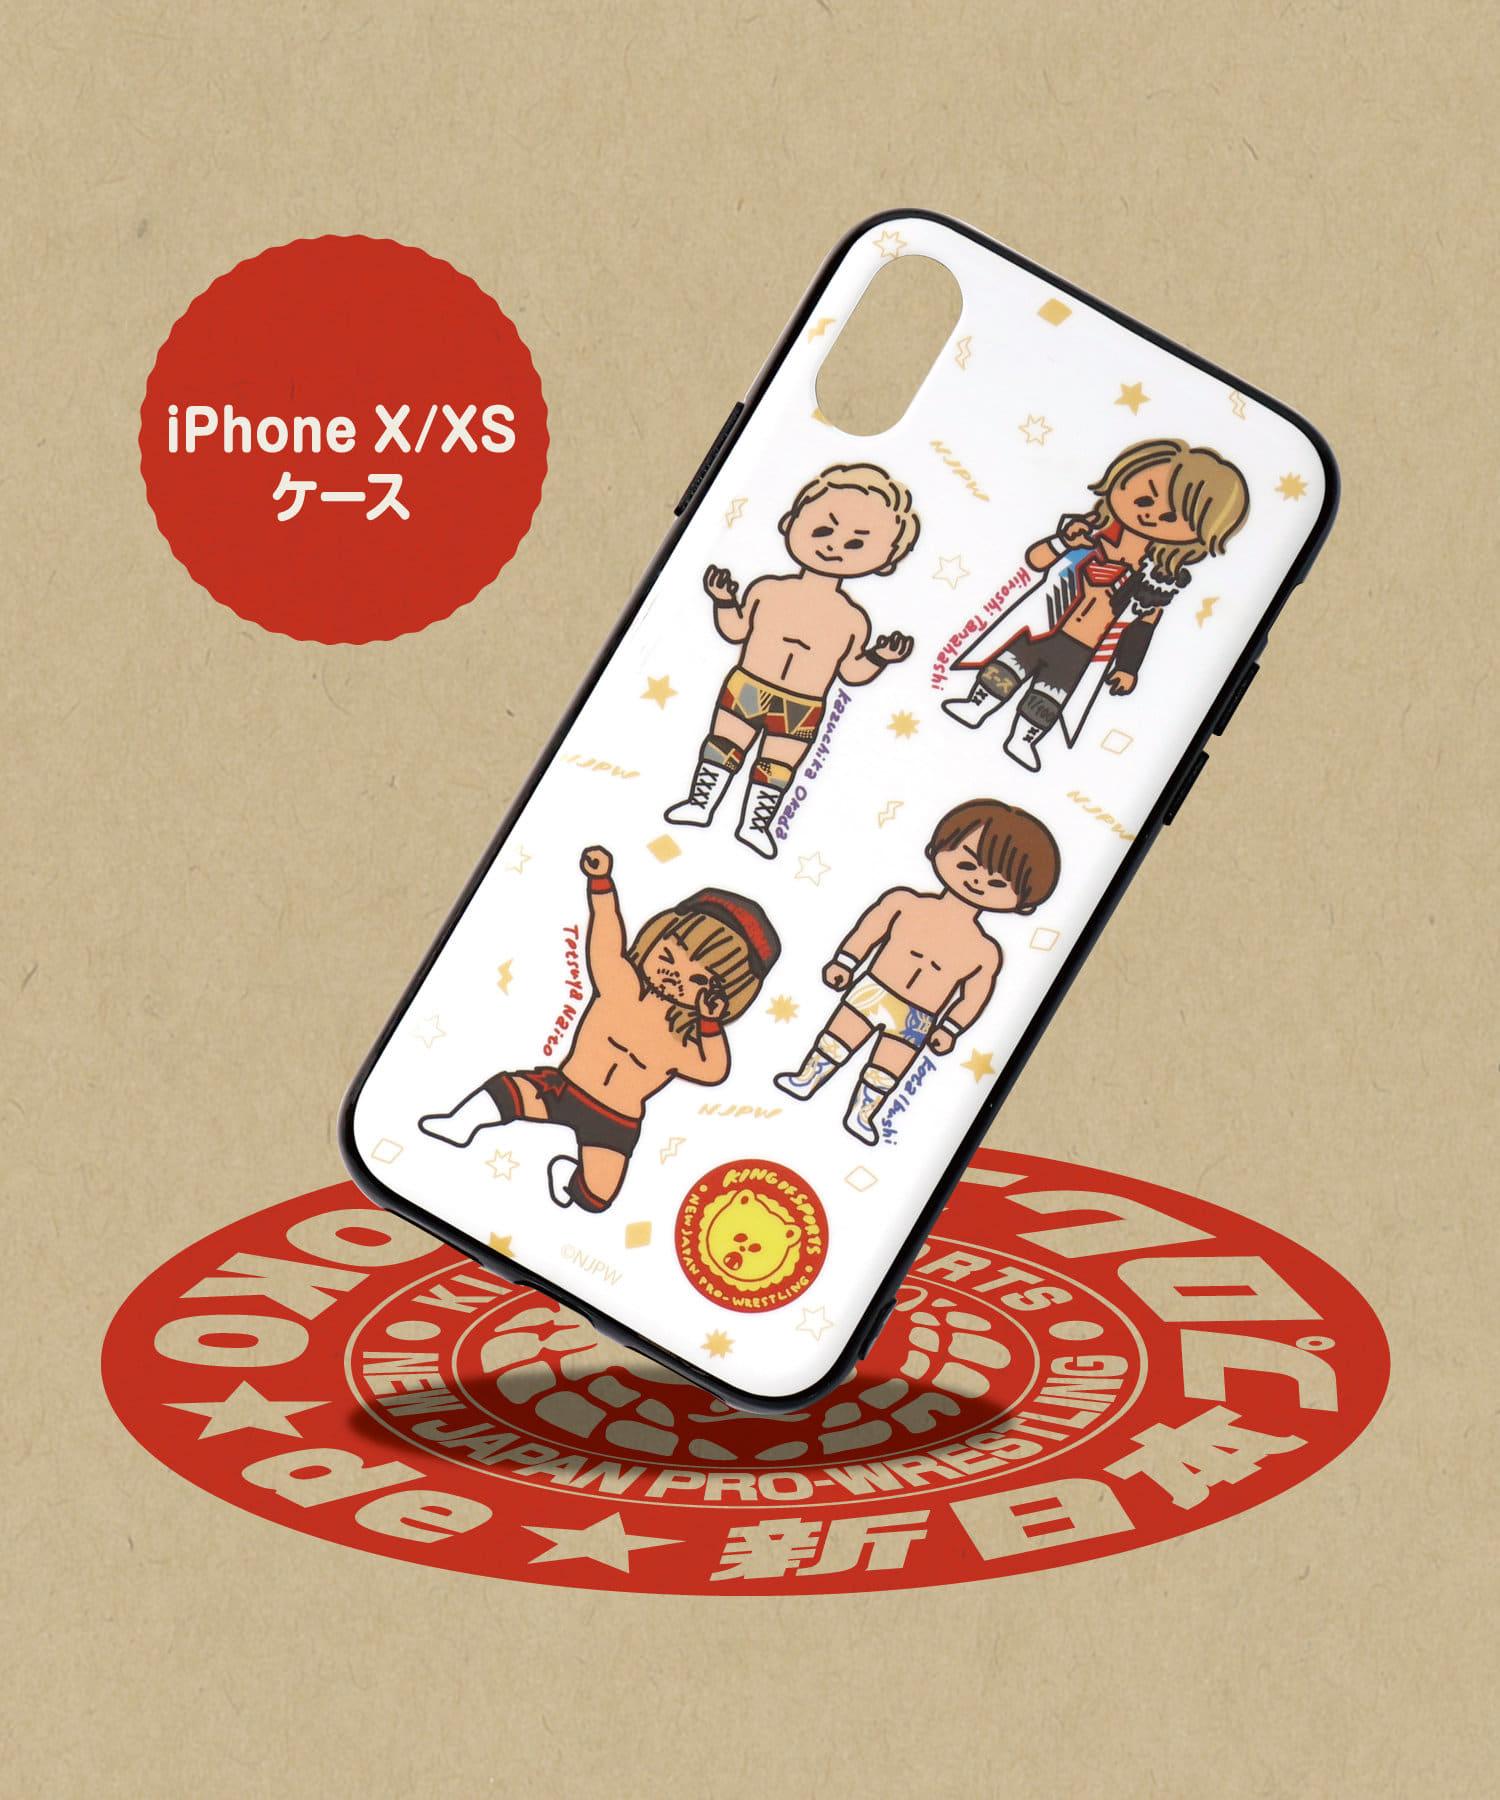 ASOKO(アソコ) ライフスタイル 【ASOKO de 新日本プロレス】iPhoneX・XSケース その他